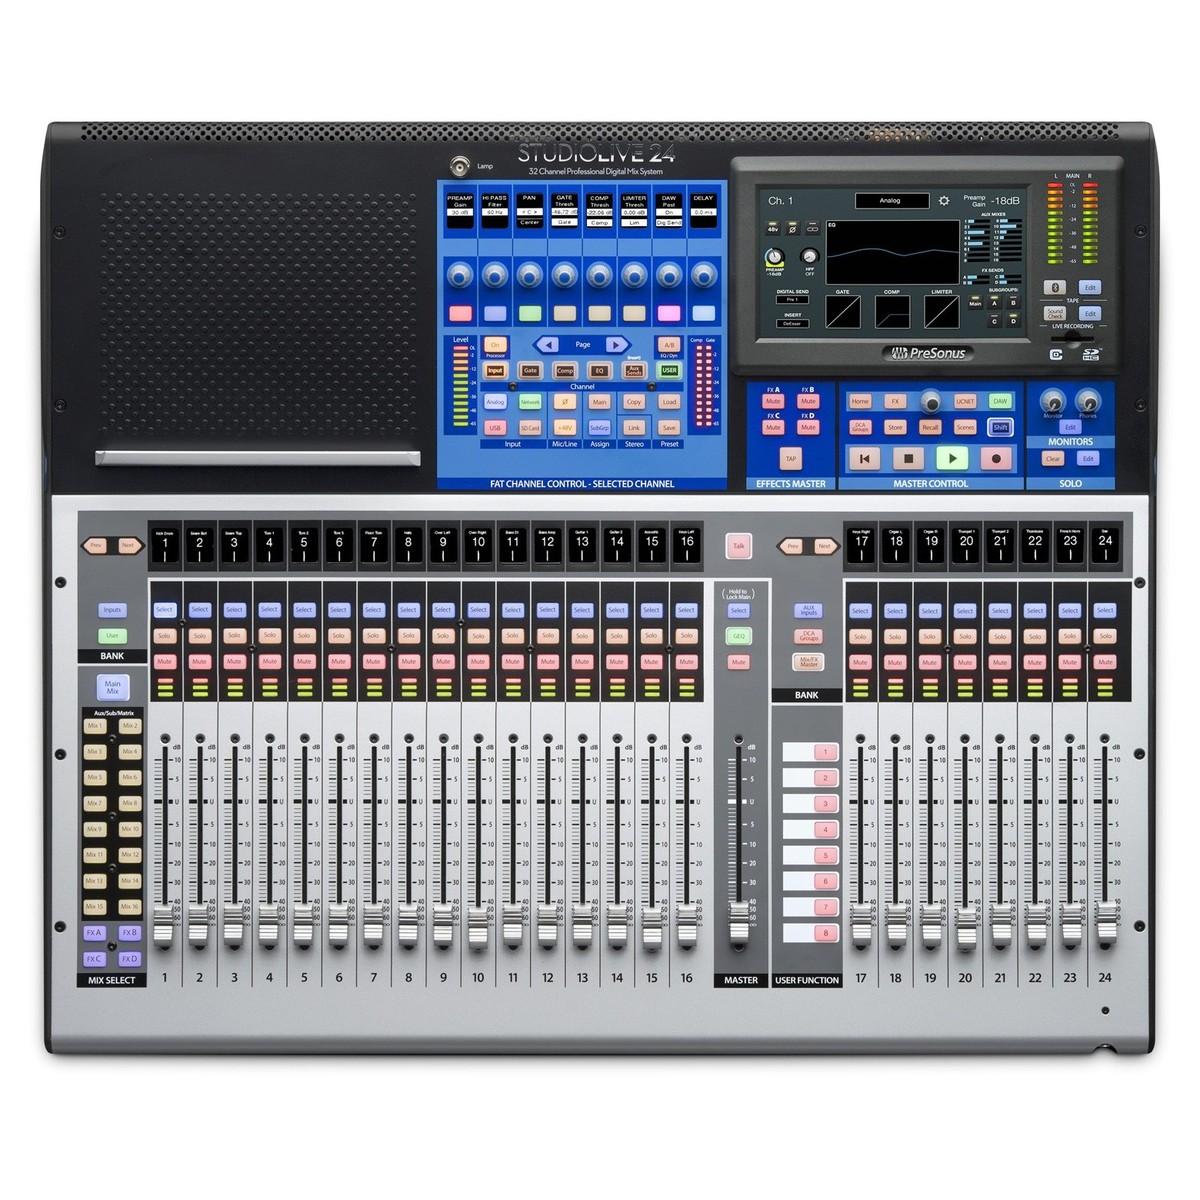 Digital Mixer Recorder : presonus studiolive 24 series iii digital mixer 24 channel digital console recorder music ~ Vivirlamusica.com Haus und Dekorationen